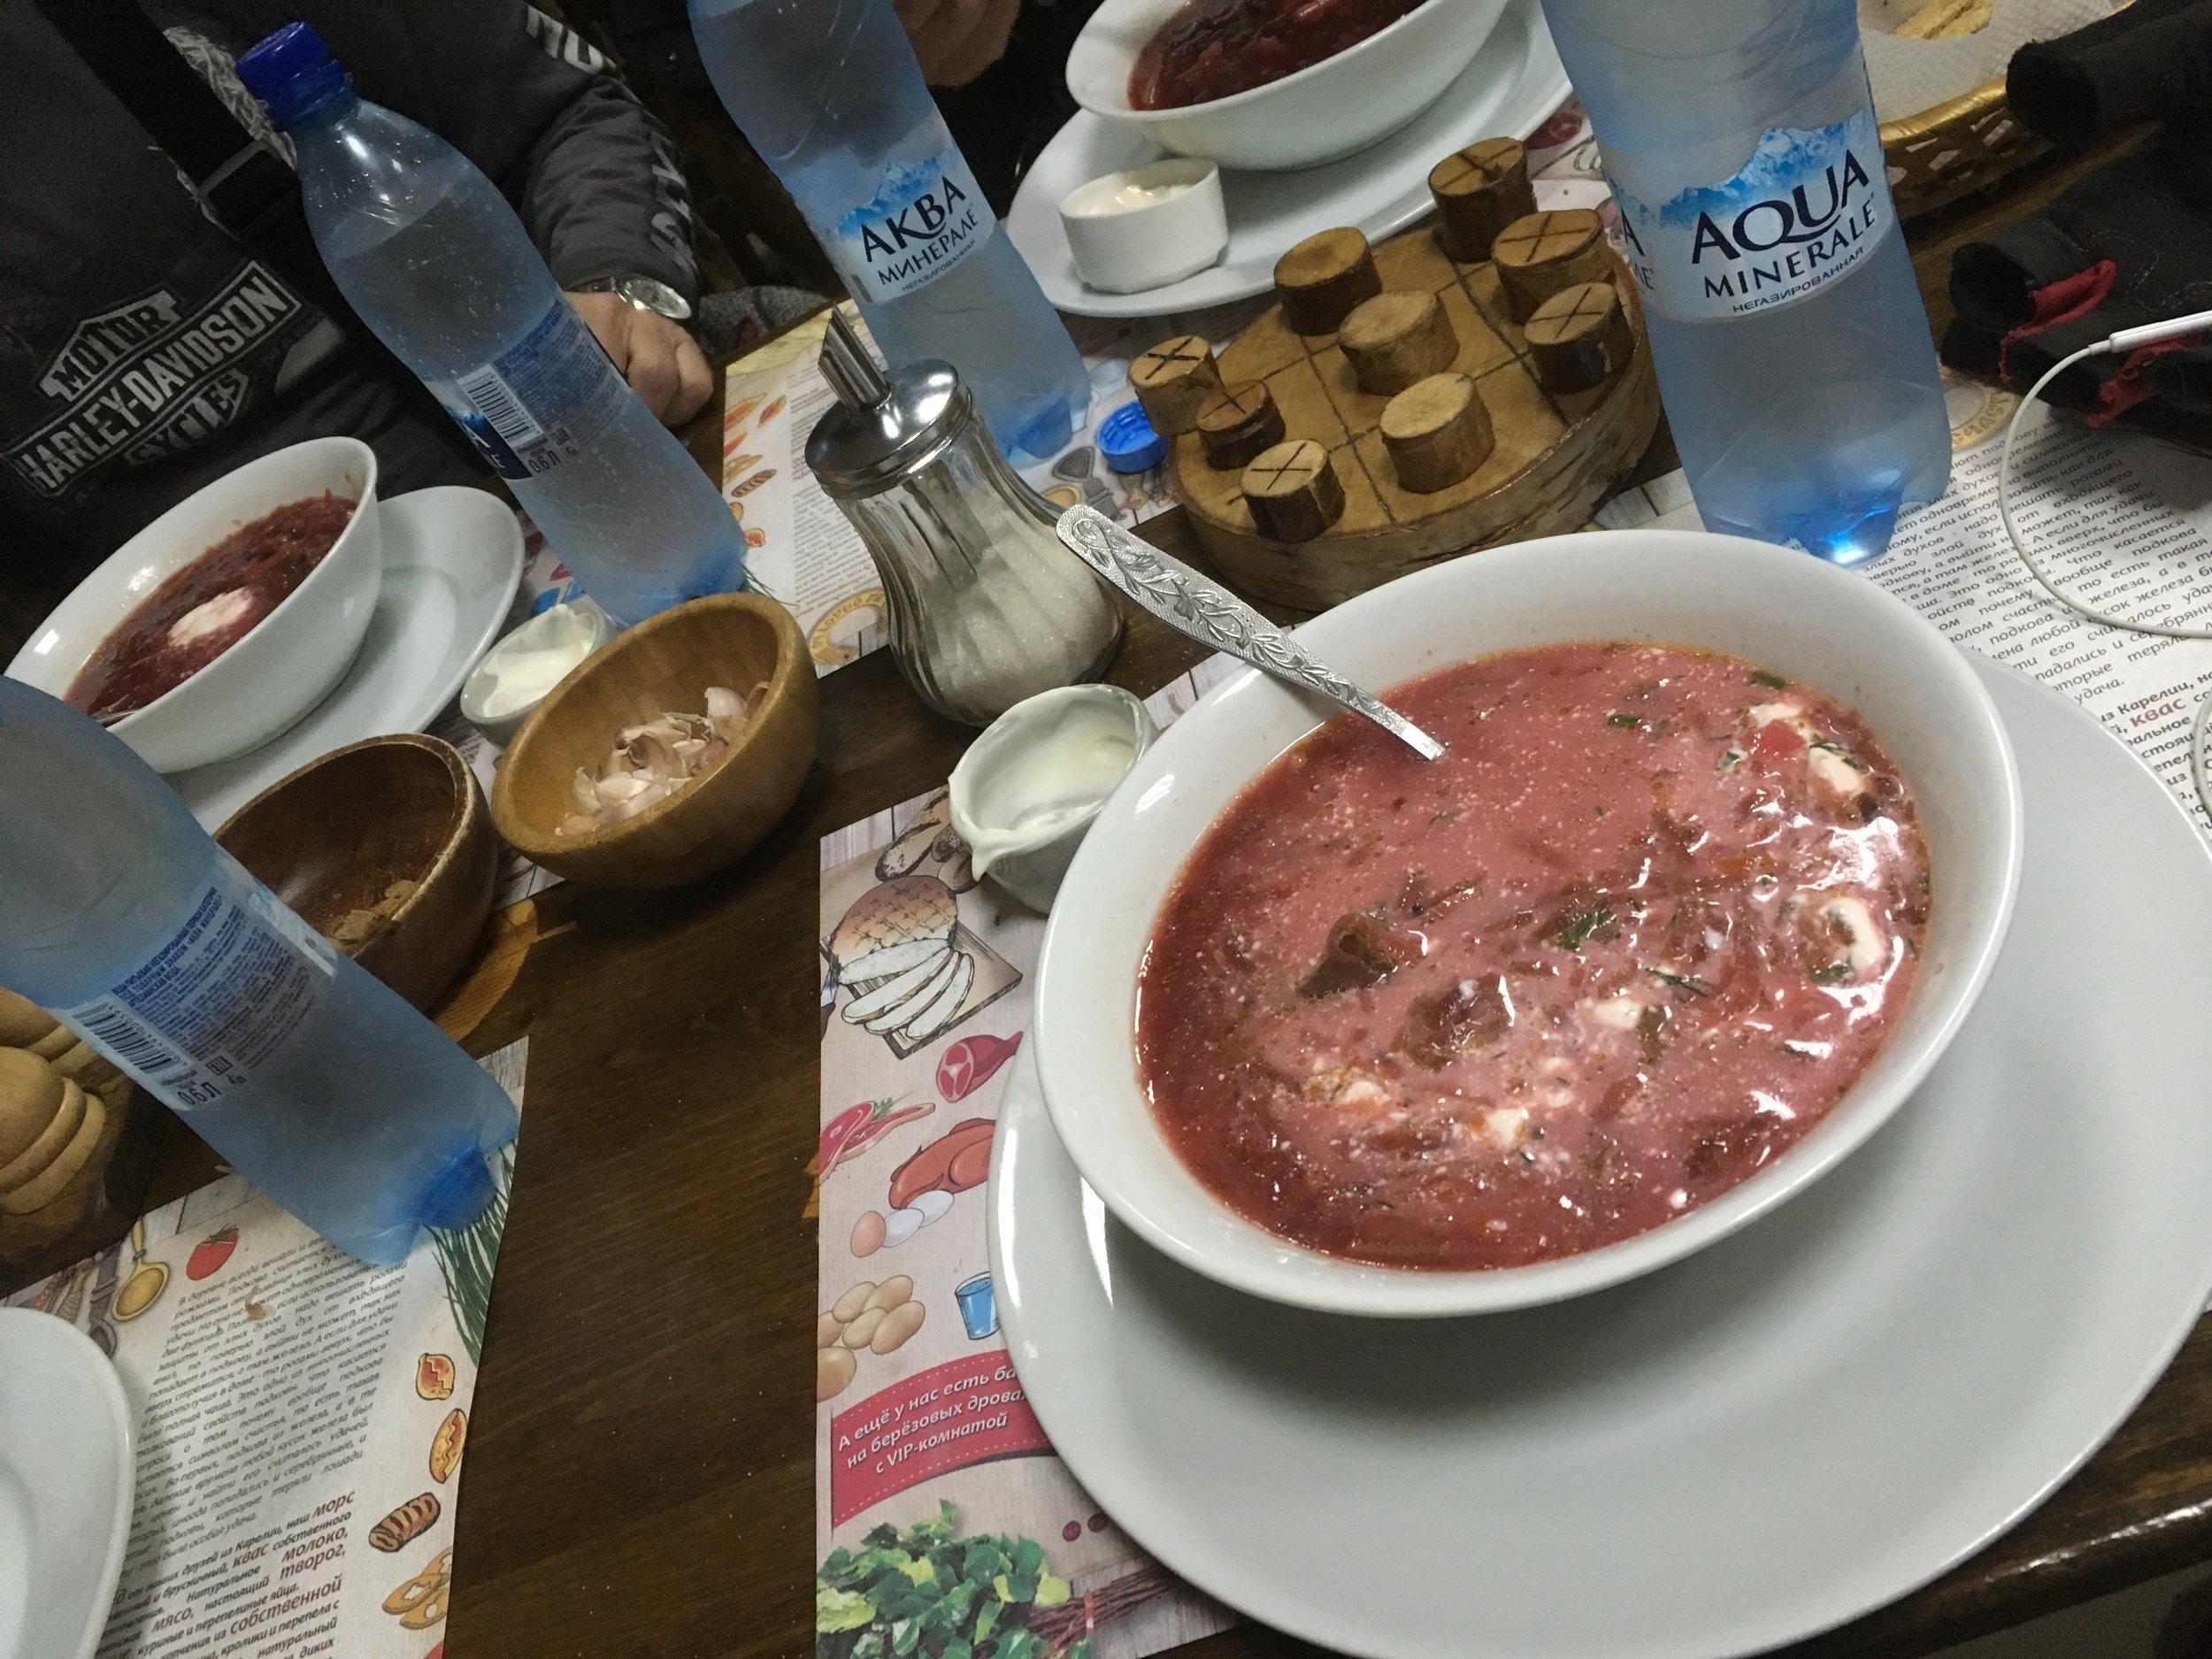 Borssikeitto on ehkä Venäjän tunnetuimpia ruokia. Borssi tarjoillaan kuumana smetanan ja usein myös paahtoleivän tai paikallisen leivän kera.